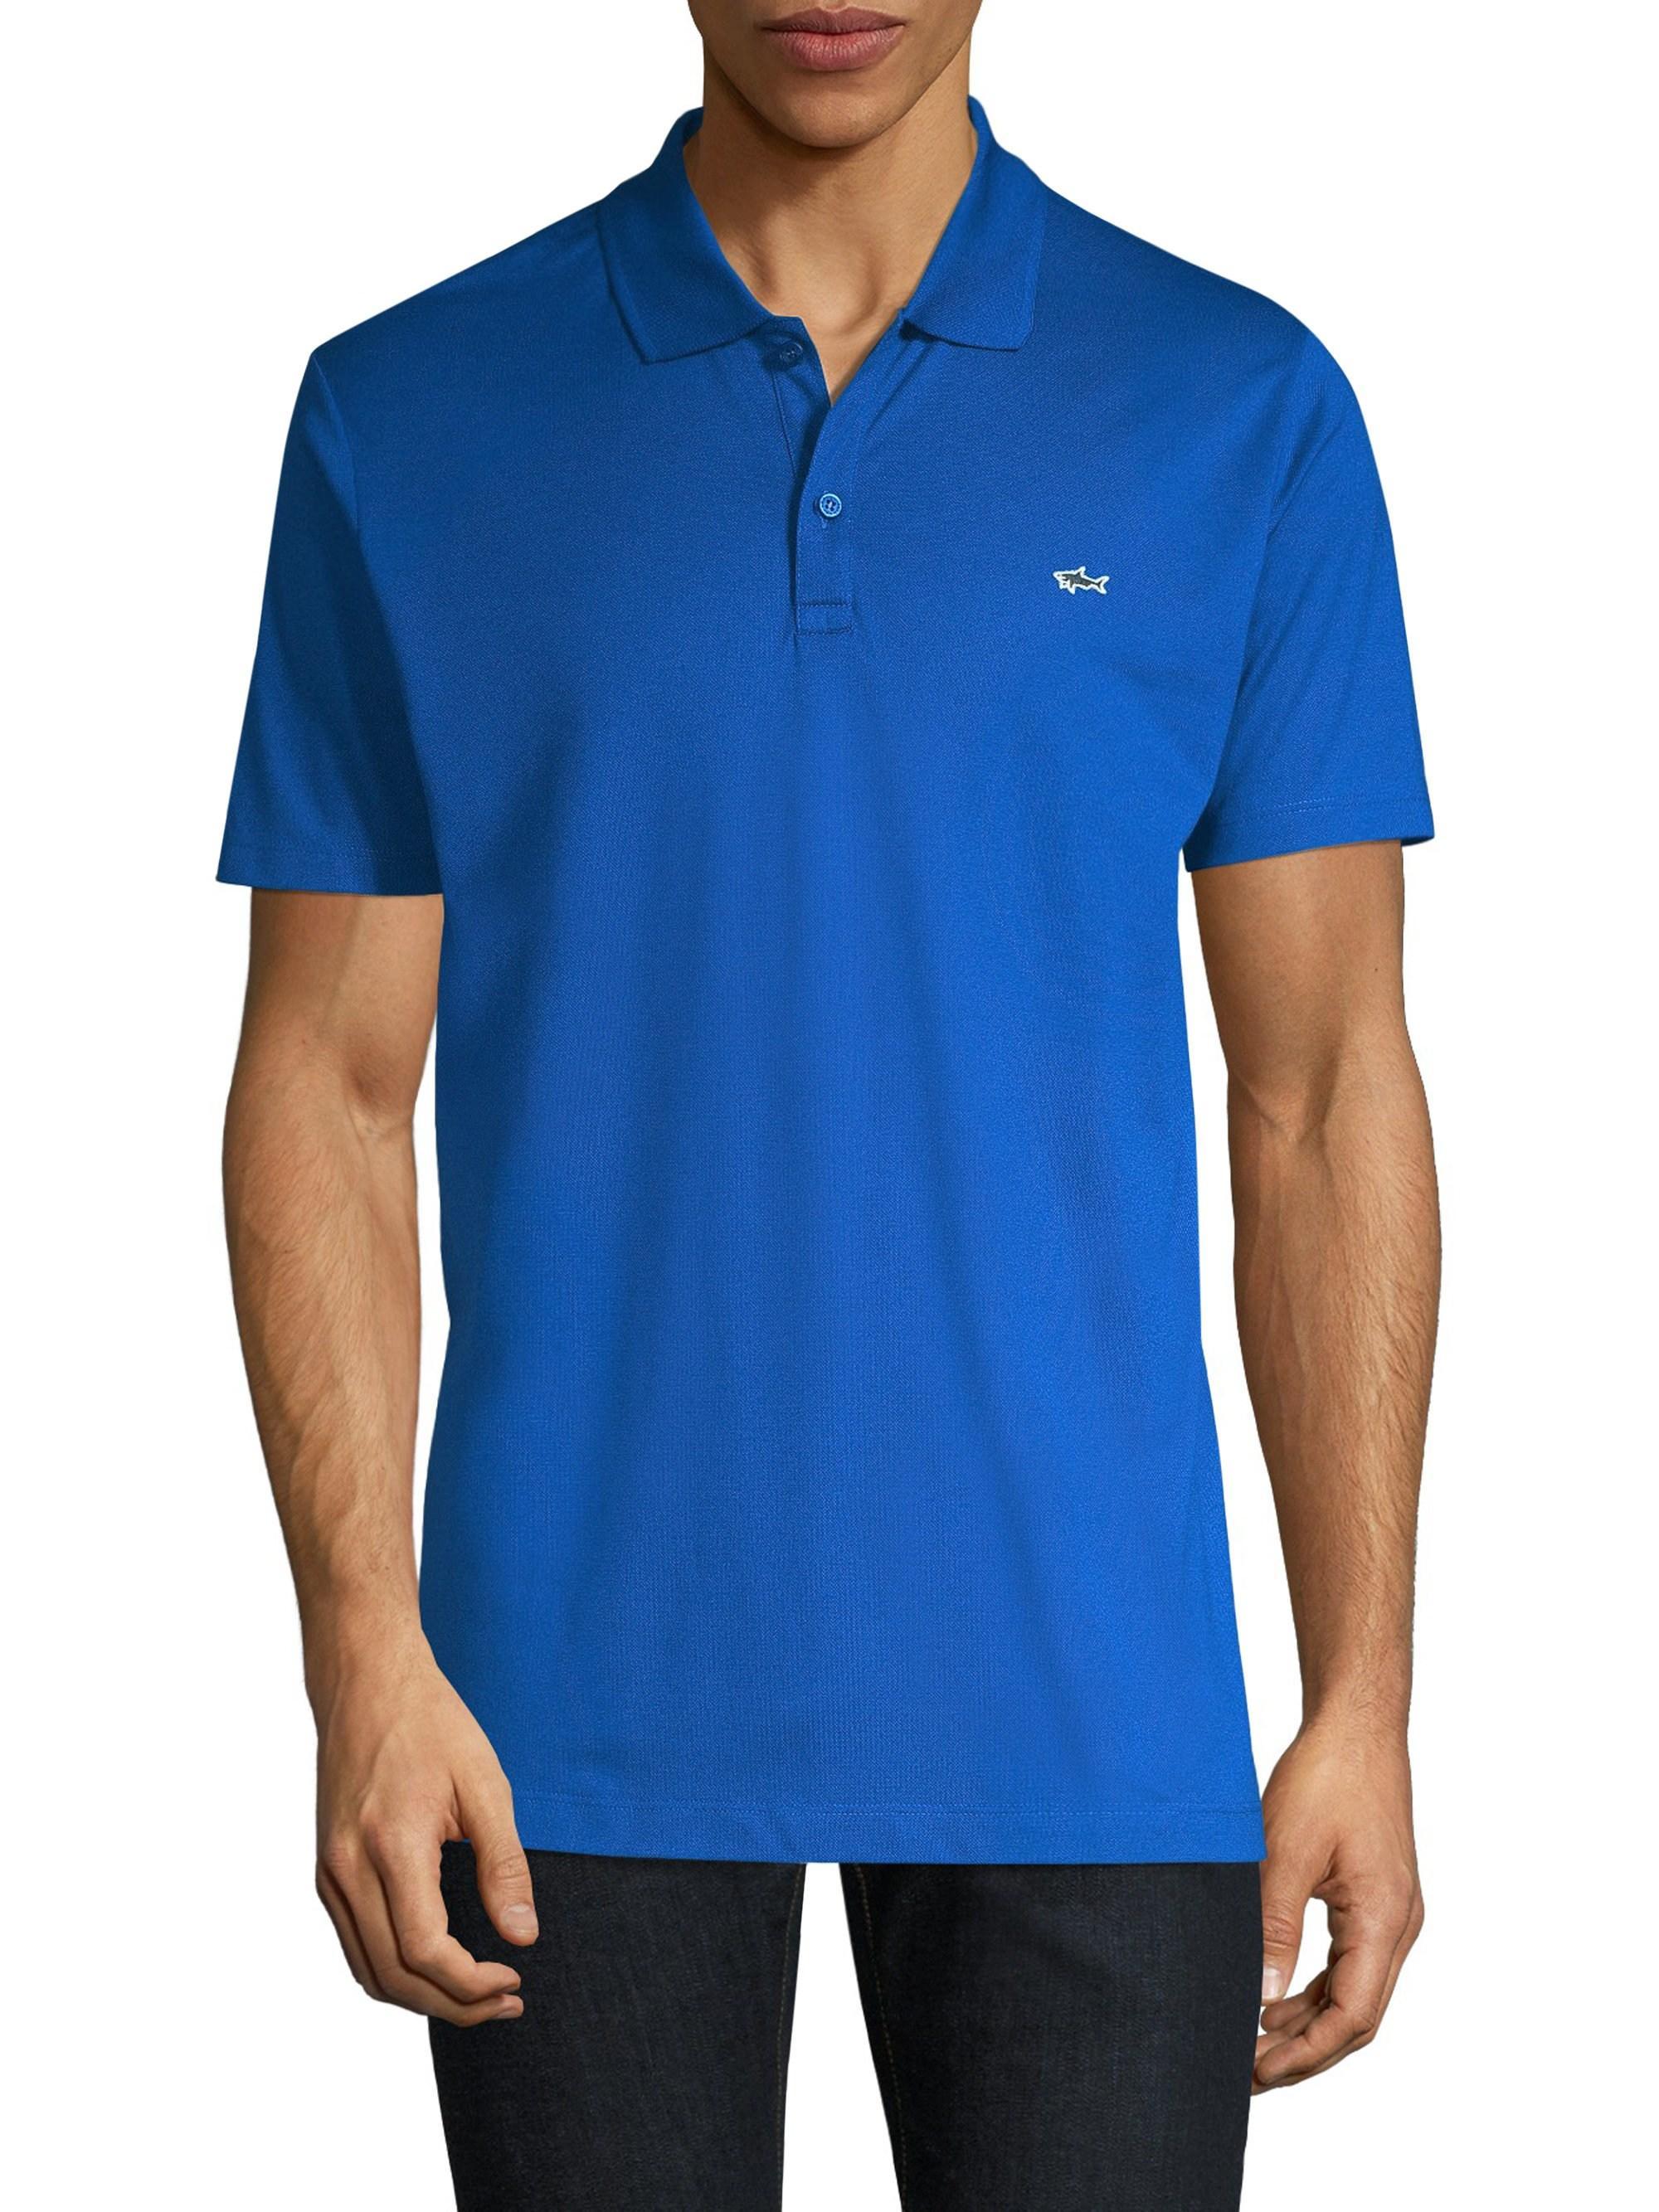 a7a93168 Paul & Shark - Men's Smart Knitted Polo Shirt - Cobalt Blue - Size Large  for. View fullscreen